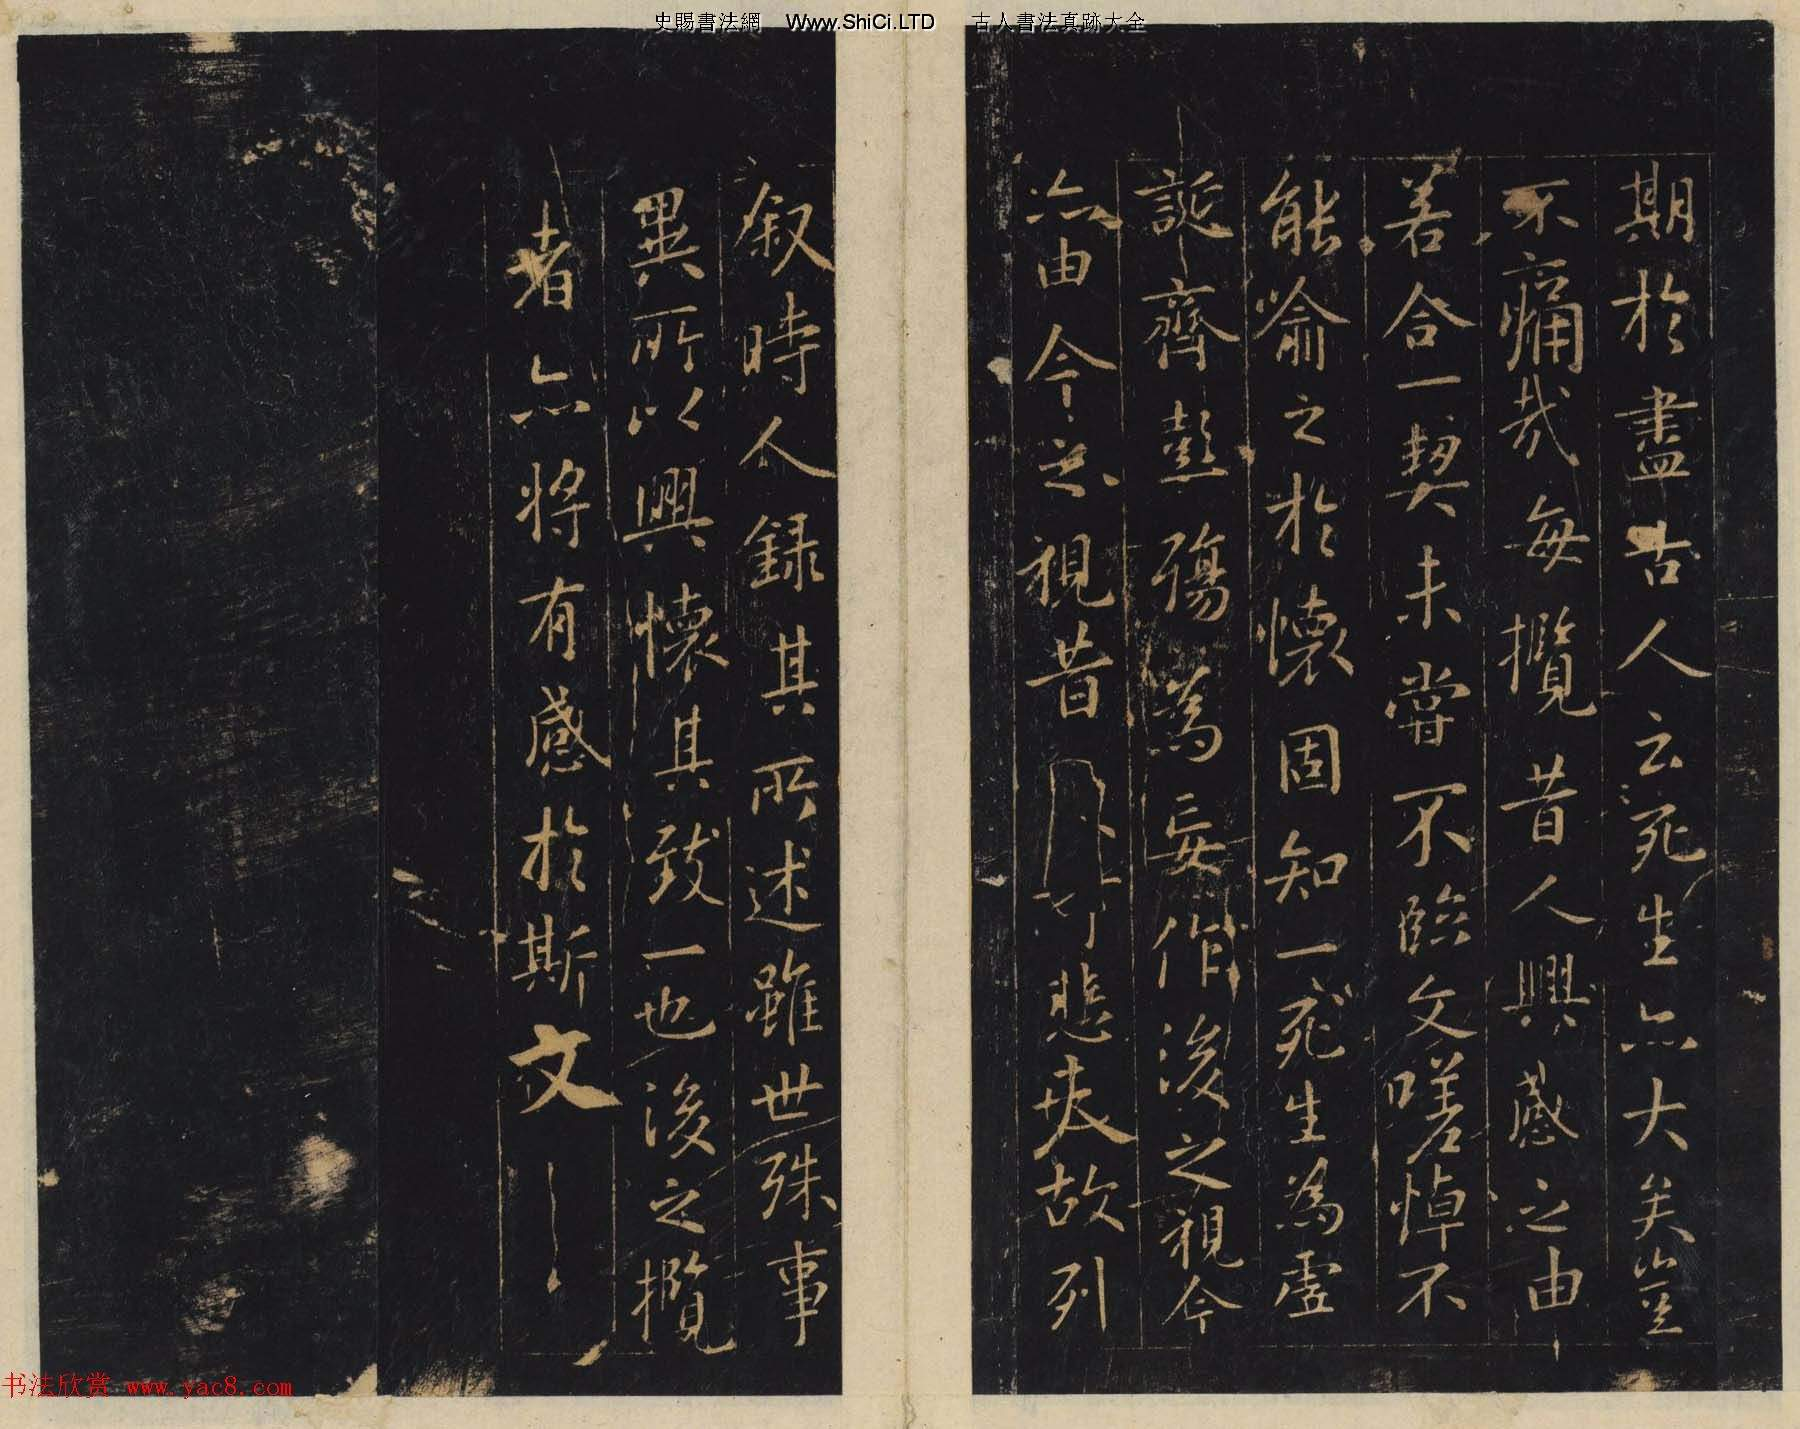 潘師旦編刻《絳帖》日本藏本五六卷合輯